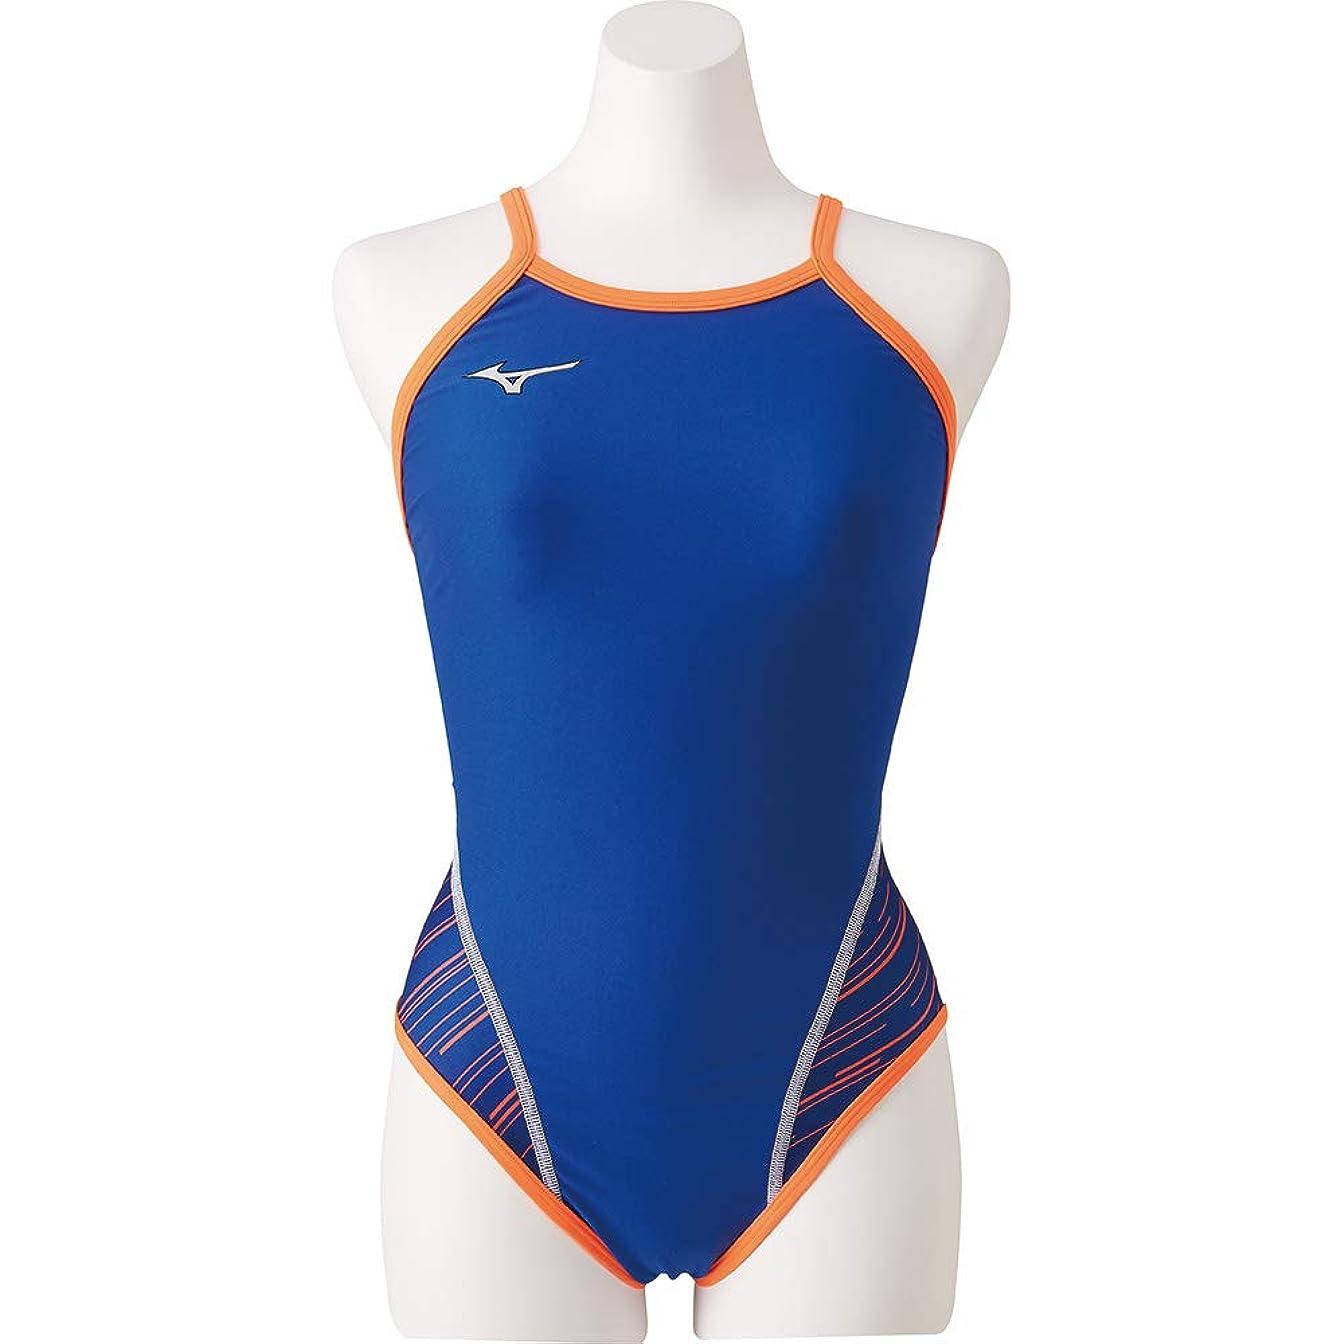 国旗ものかかわらずMIZUNO(ミズノ) 競泳水着 トレーニング用 ジュニア エクサースーツ ミディアムカット GX SONIC IVデザイン N2MA9482